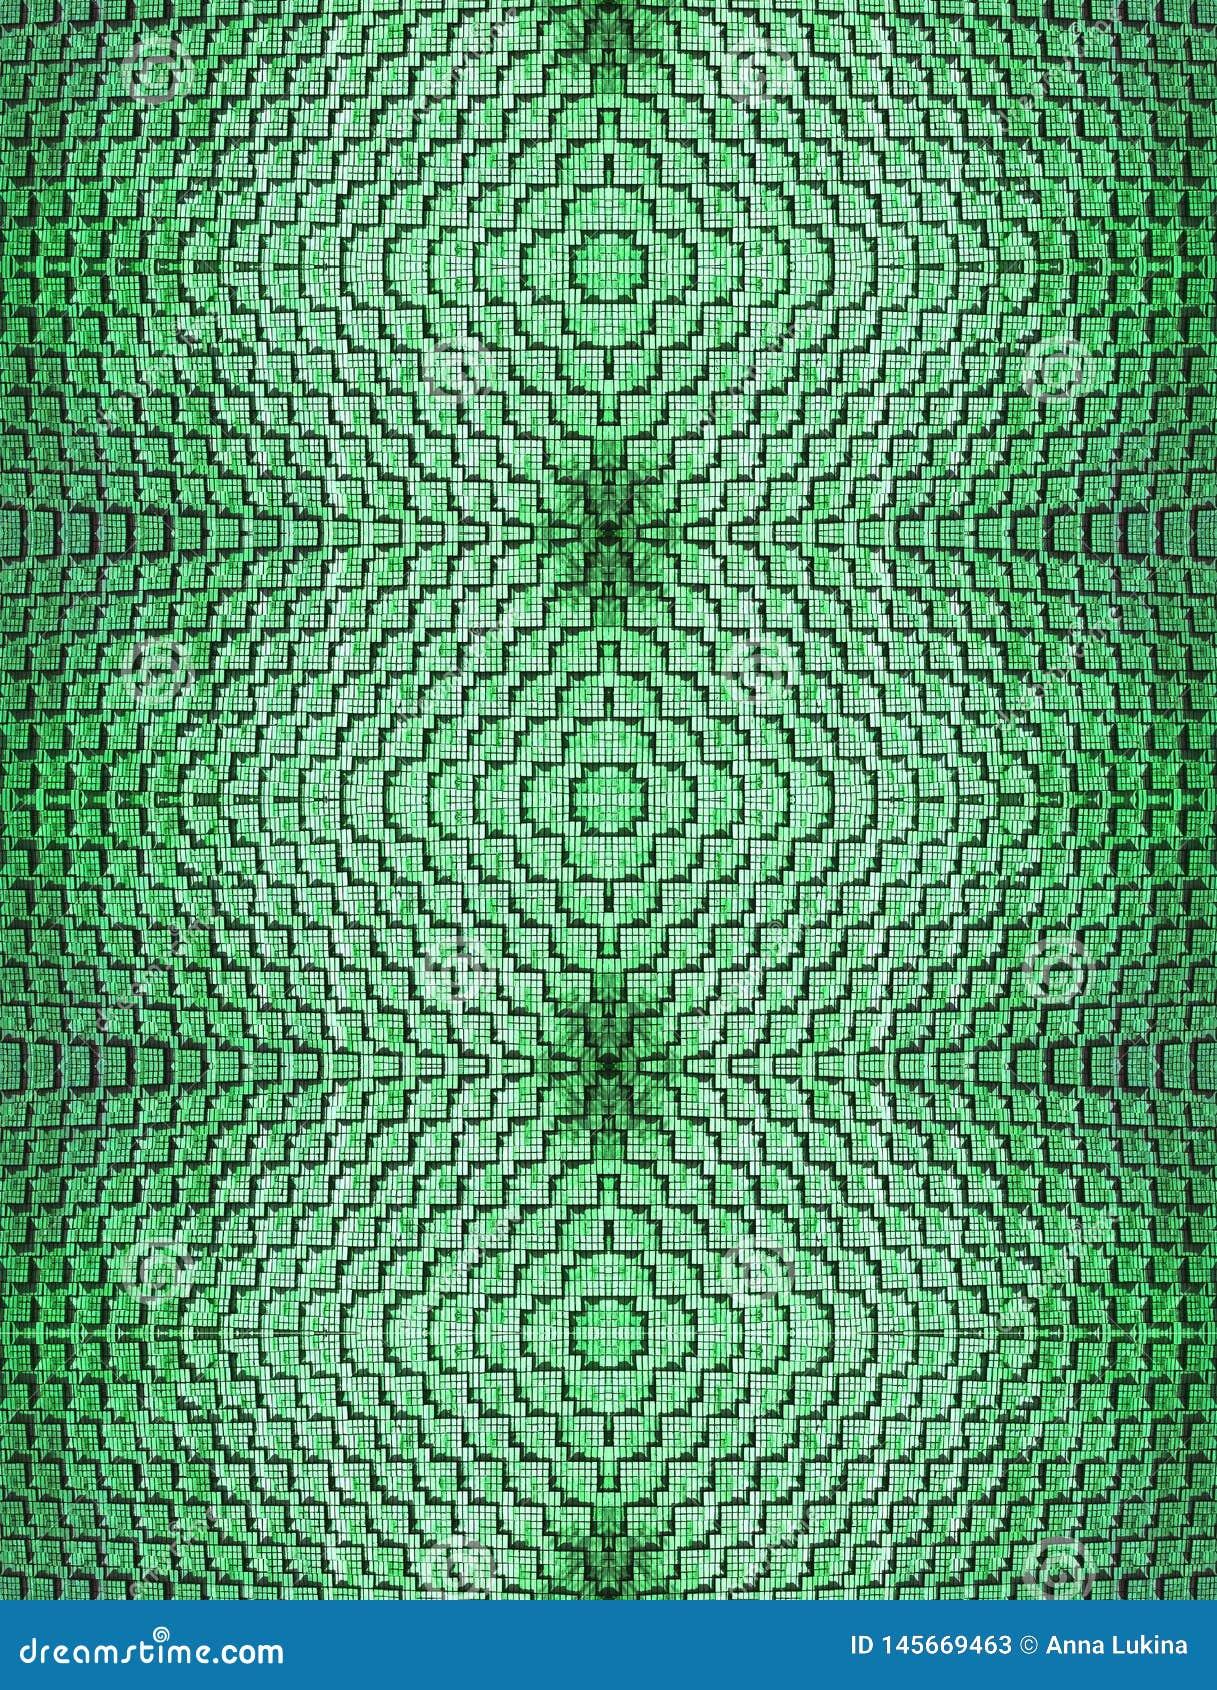 Abstrakcjonistyczny bezszwowy tło cegły kłaść w ciekawym kształcie w zielonym kolorze łączył symmetrically jednakowego textured